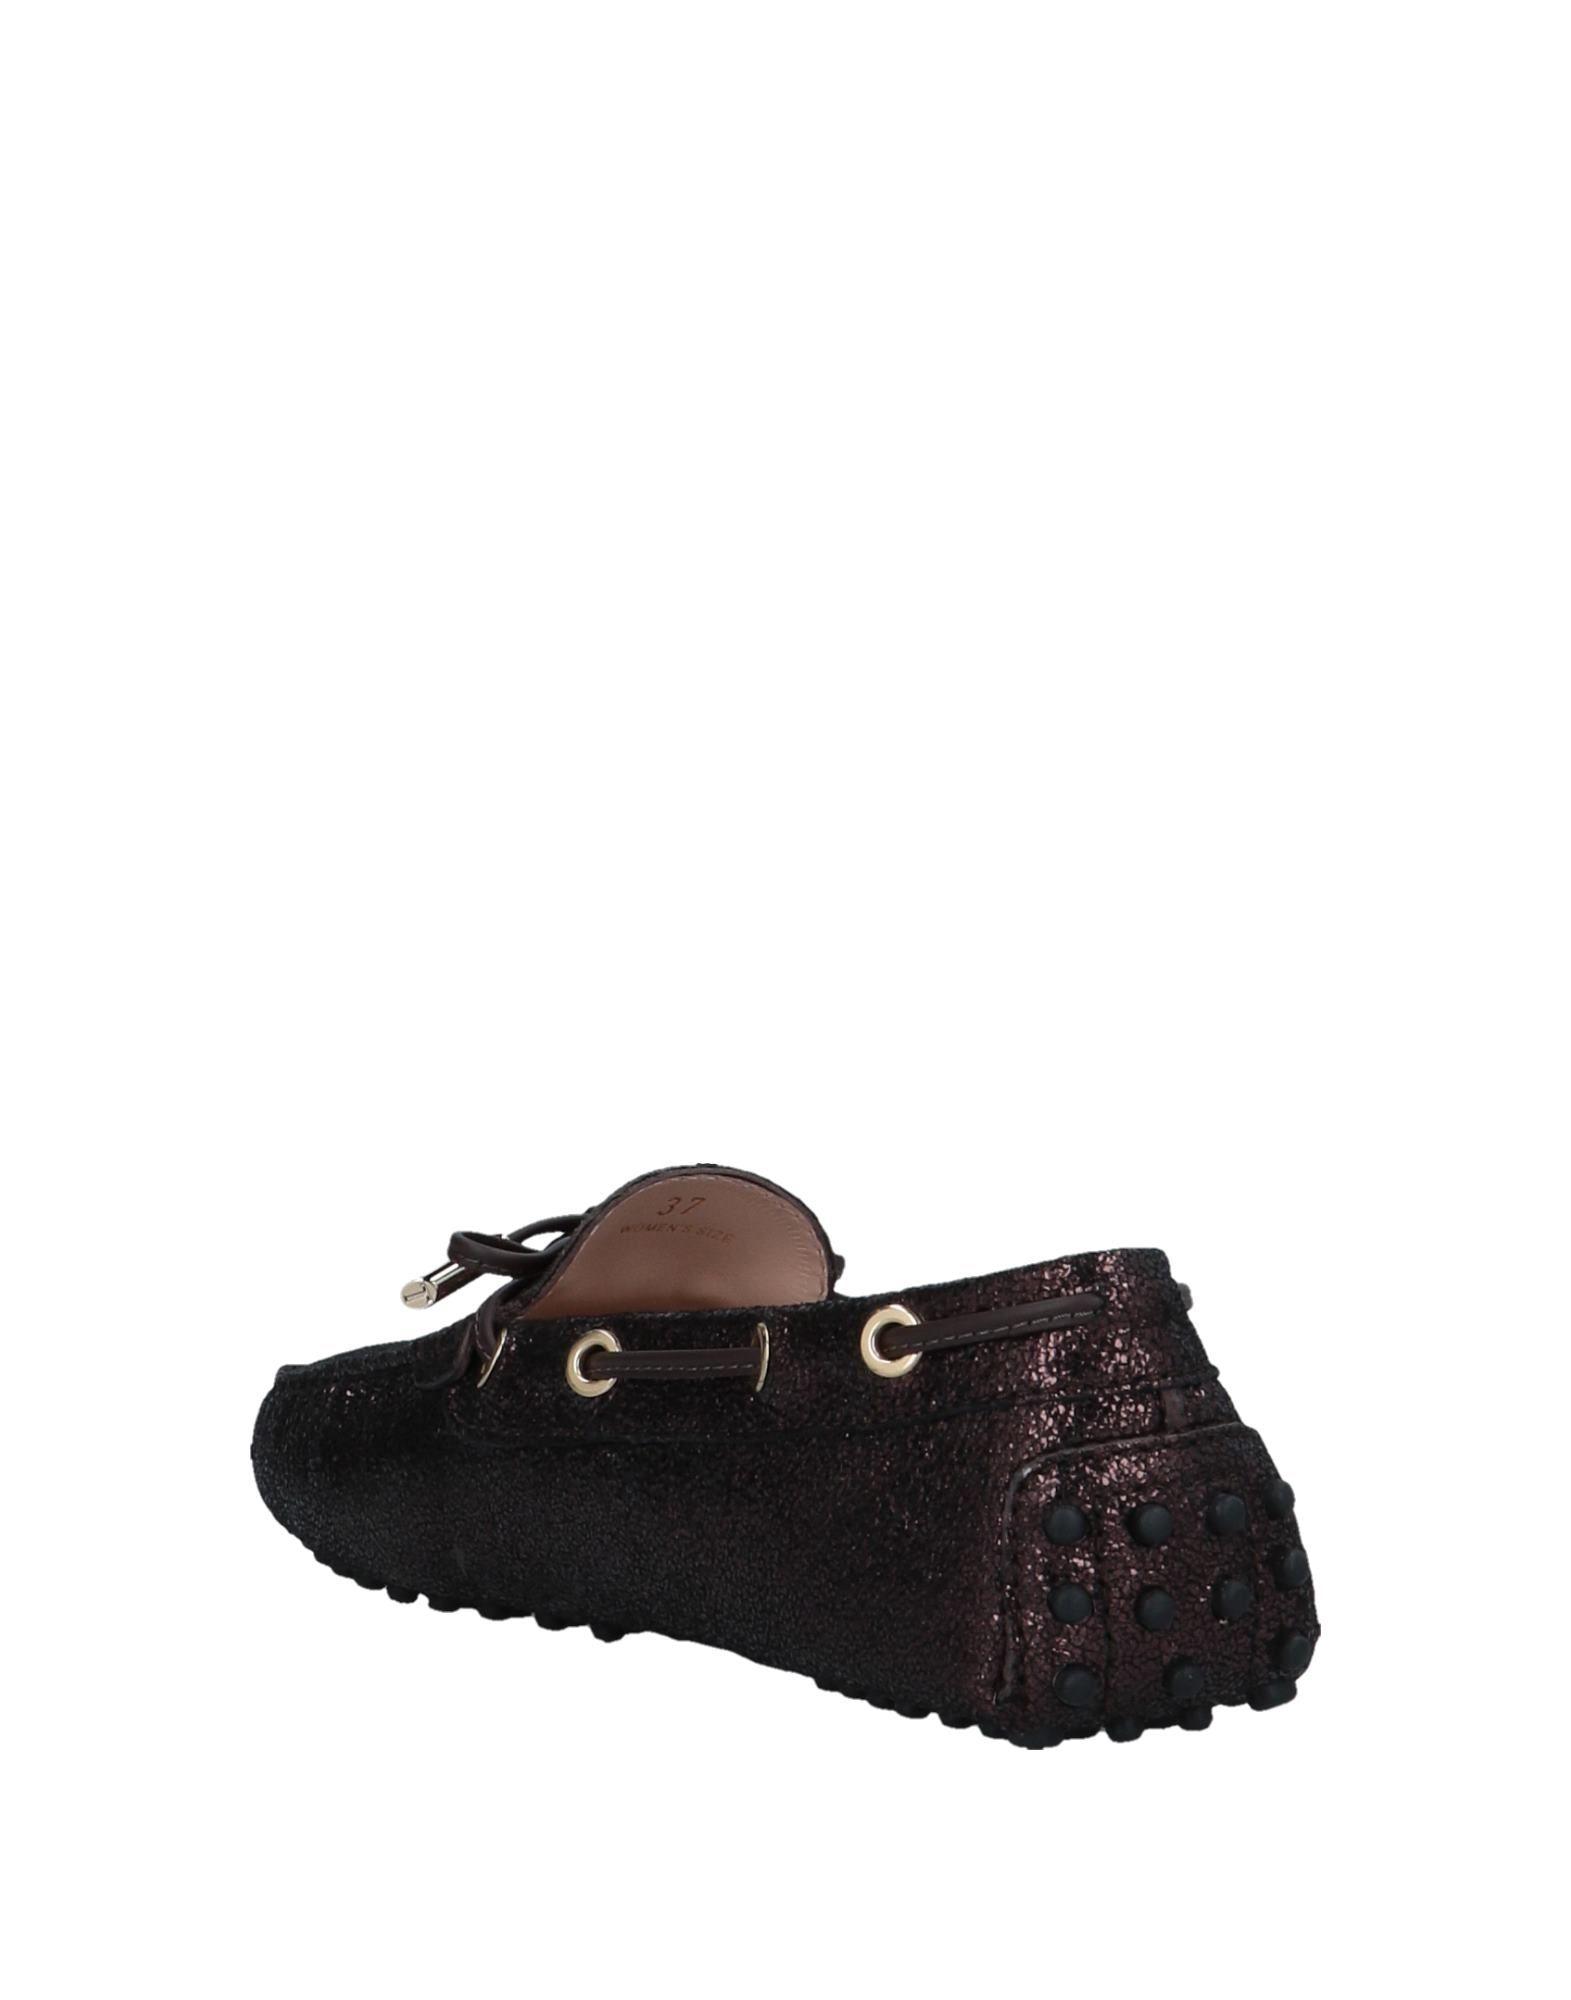 Rabatt  Schuhe Tod's Mokassins Damen  Rabatt 11543211DH 55c84b